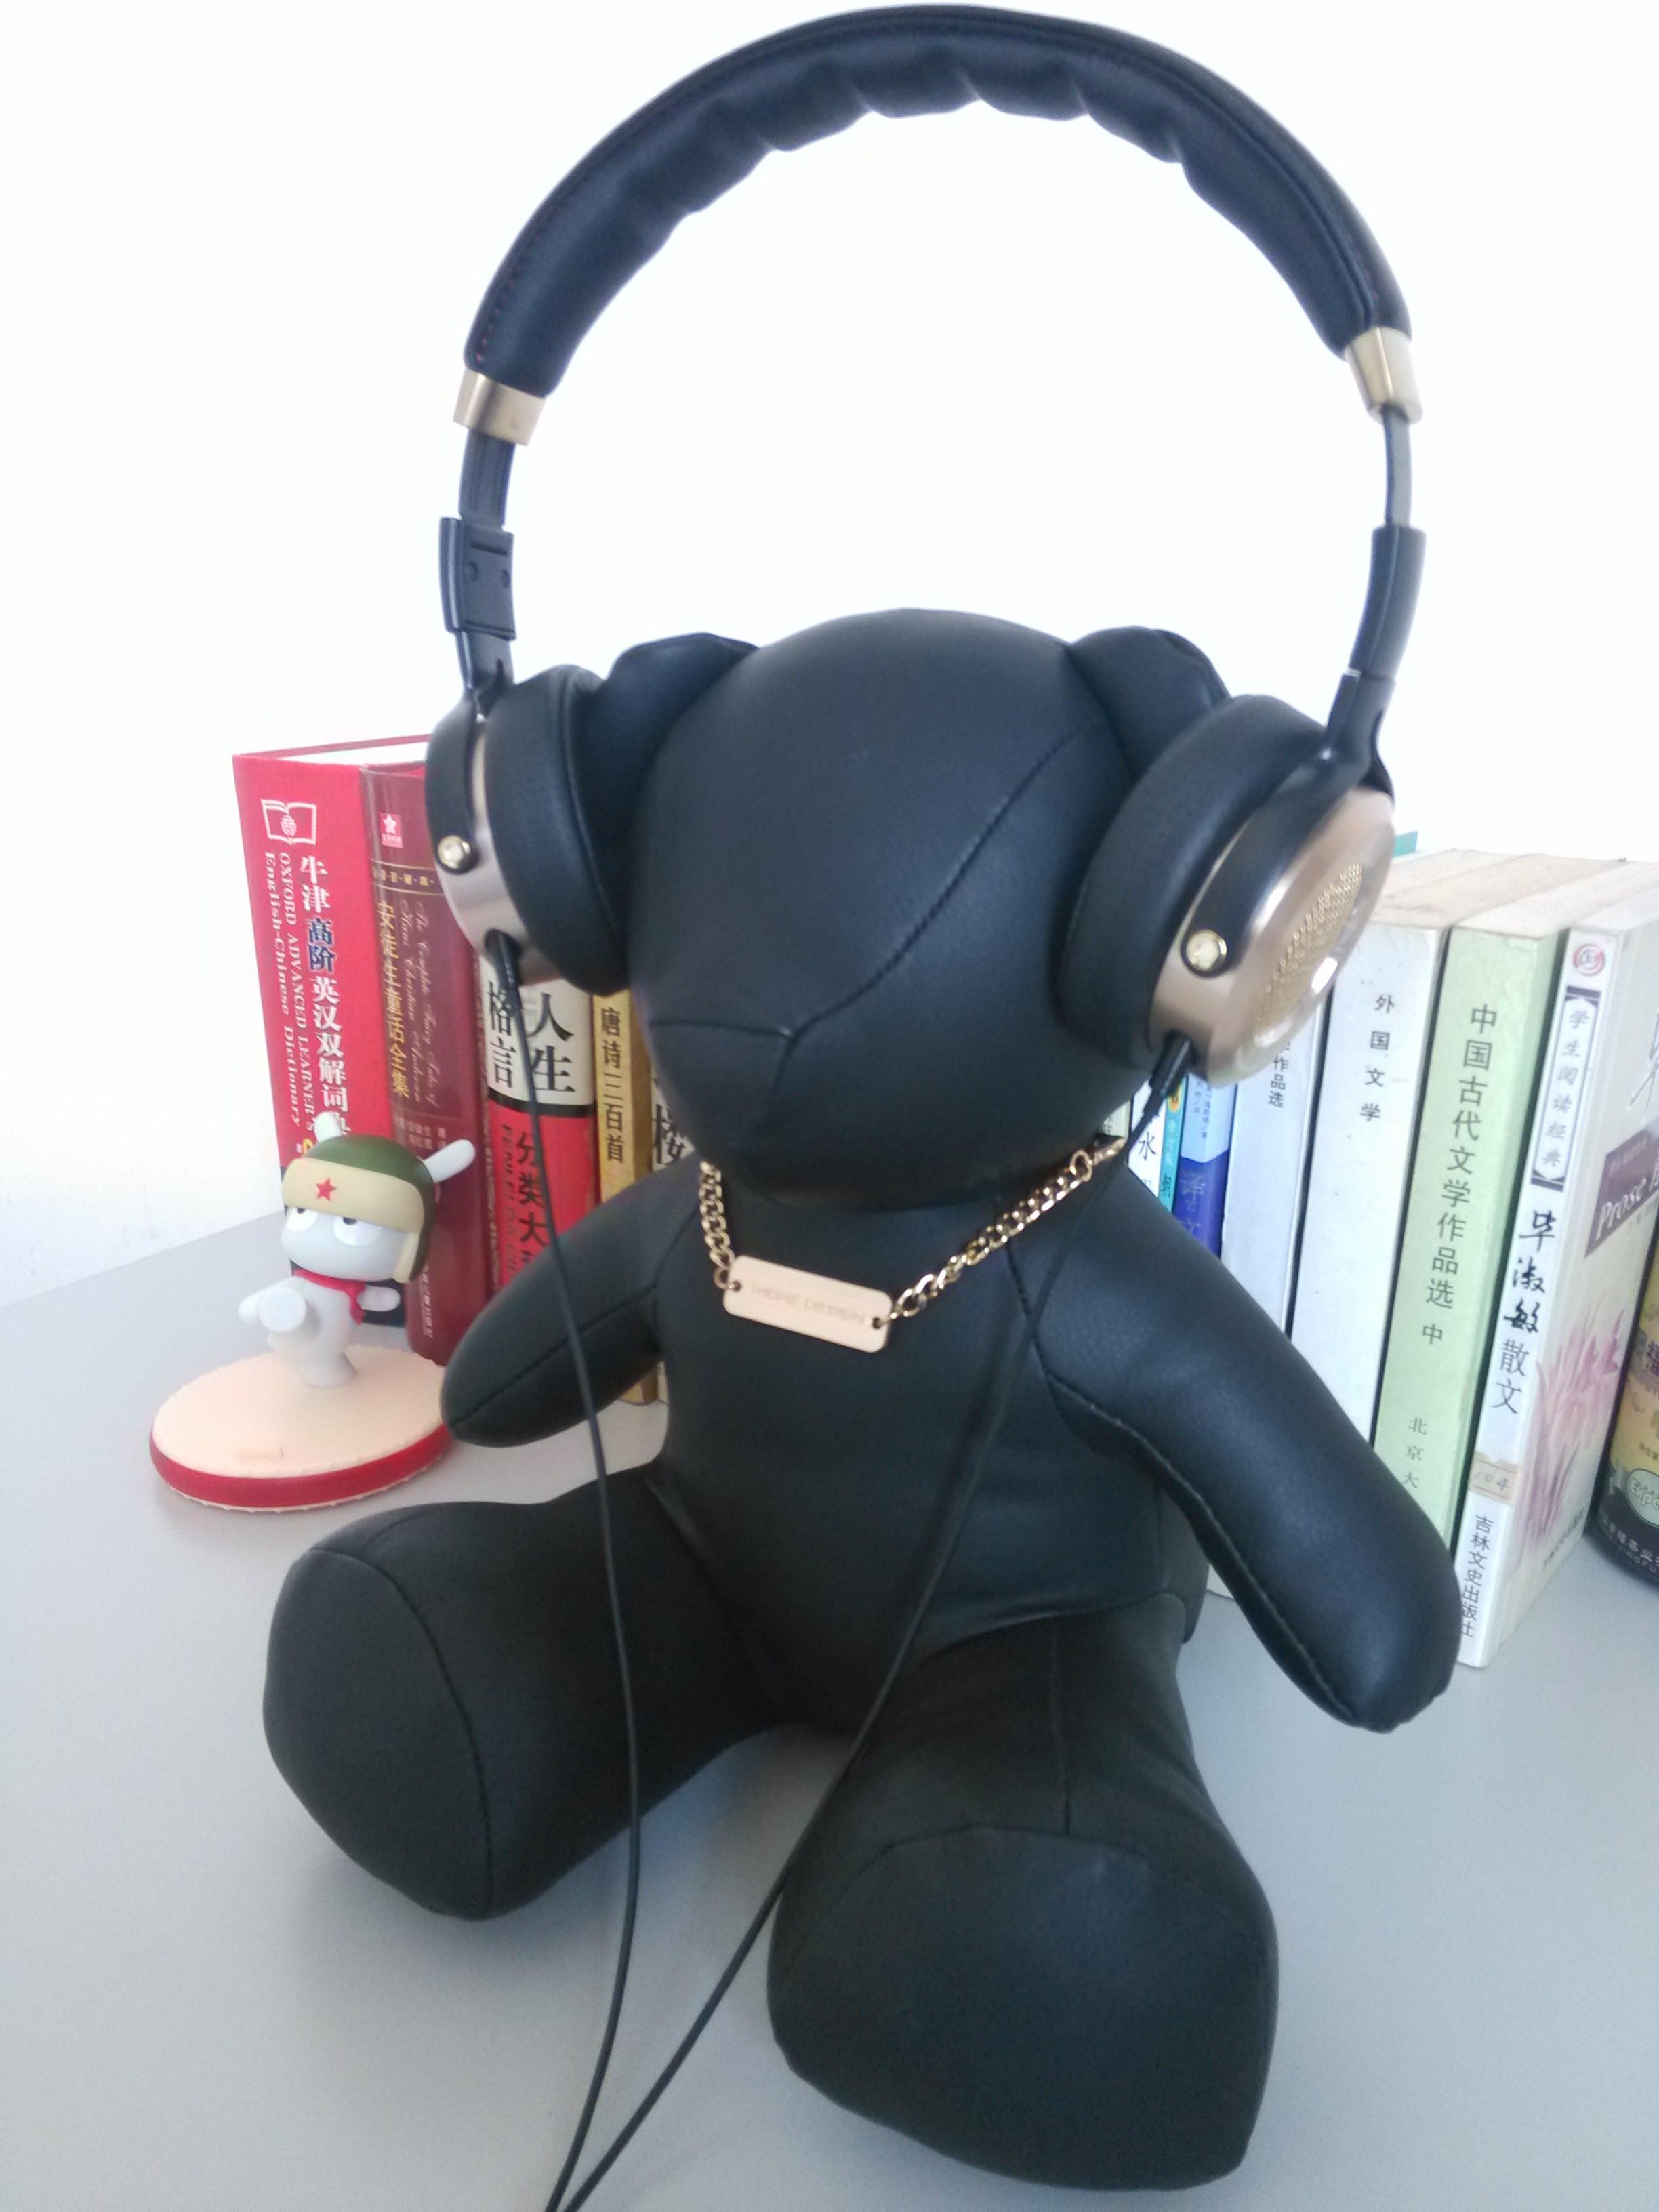 小米头戴式耳机开箱